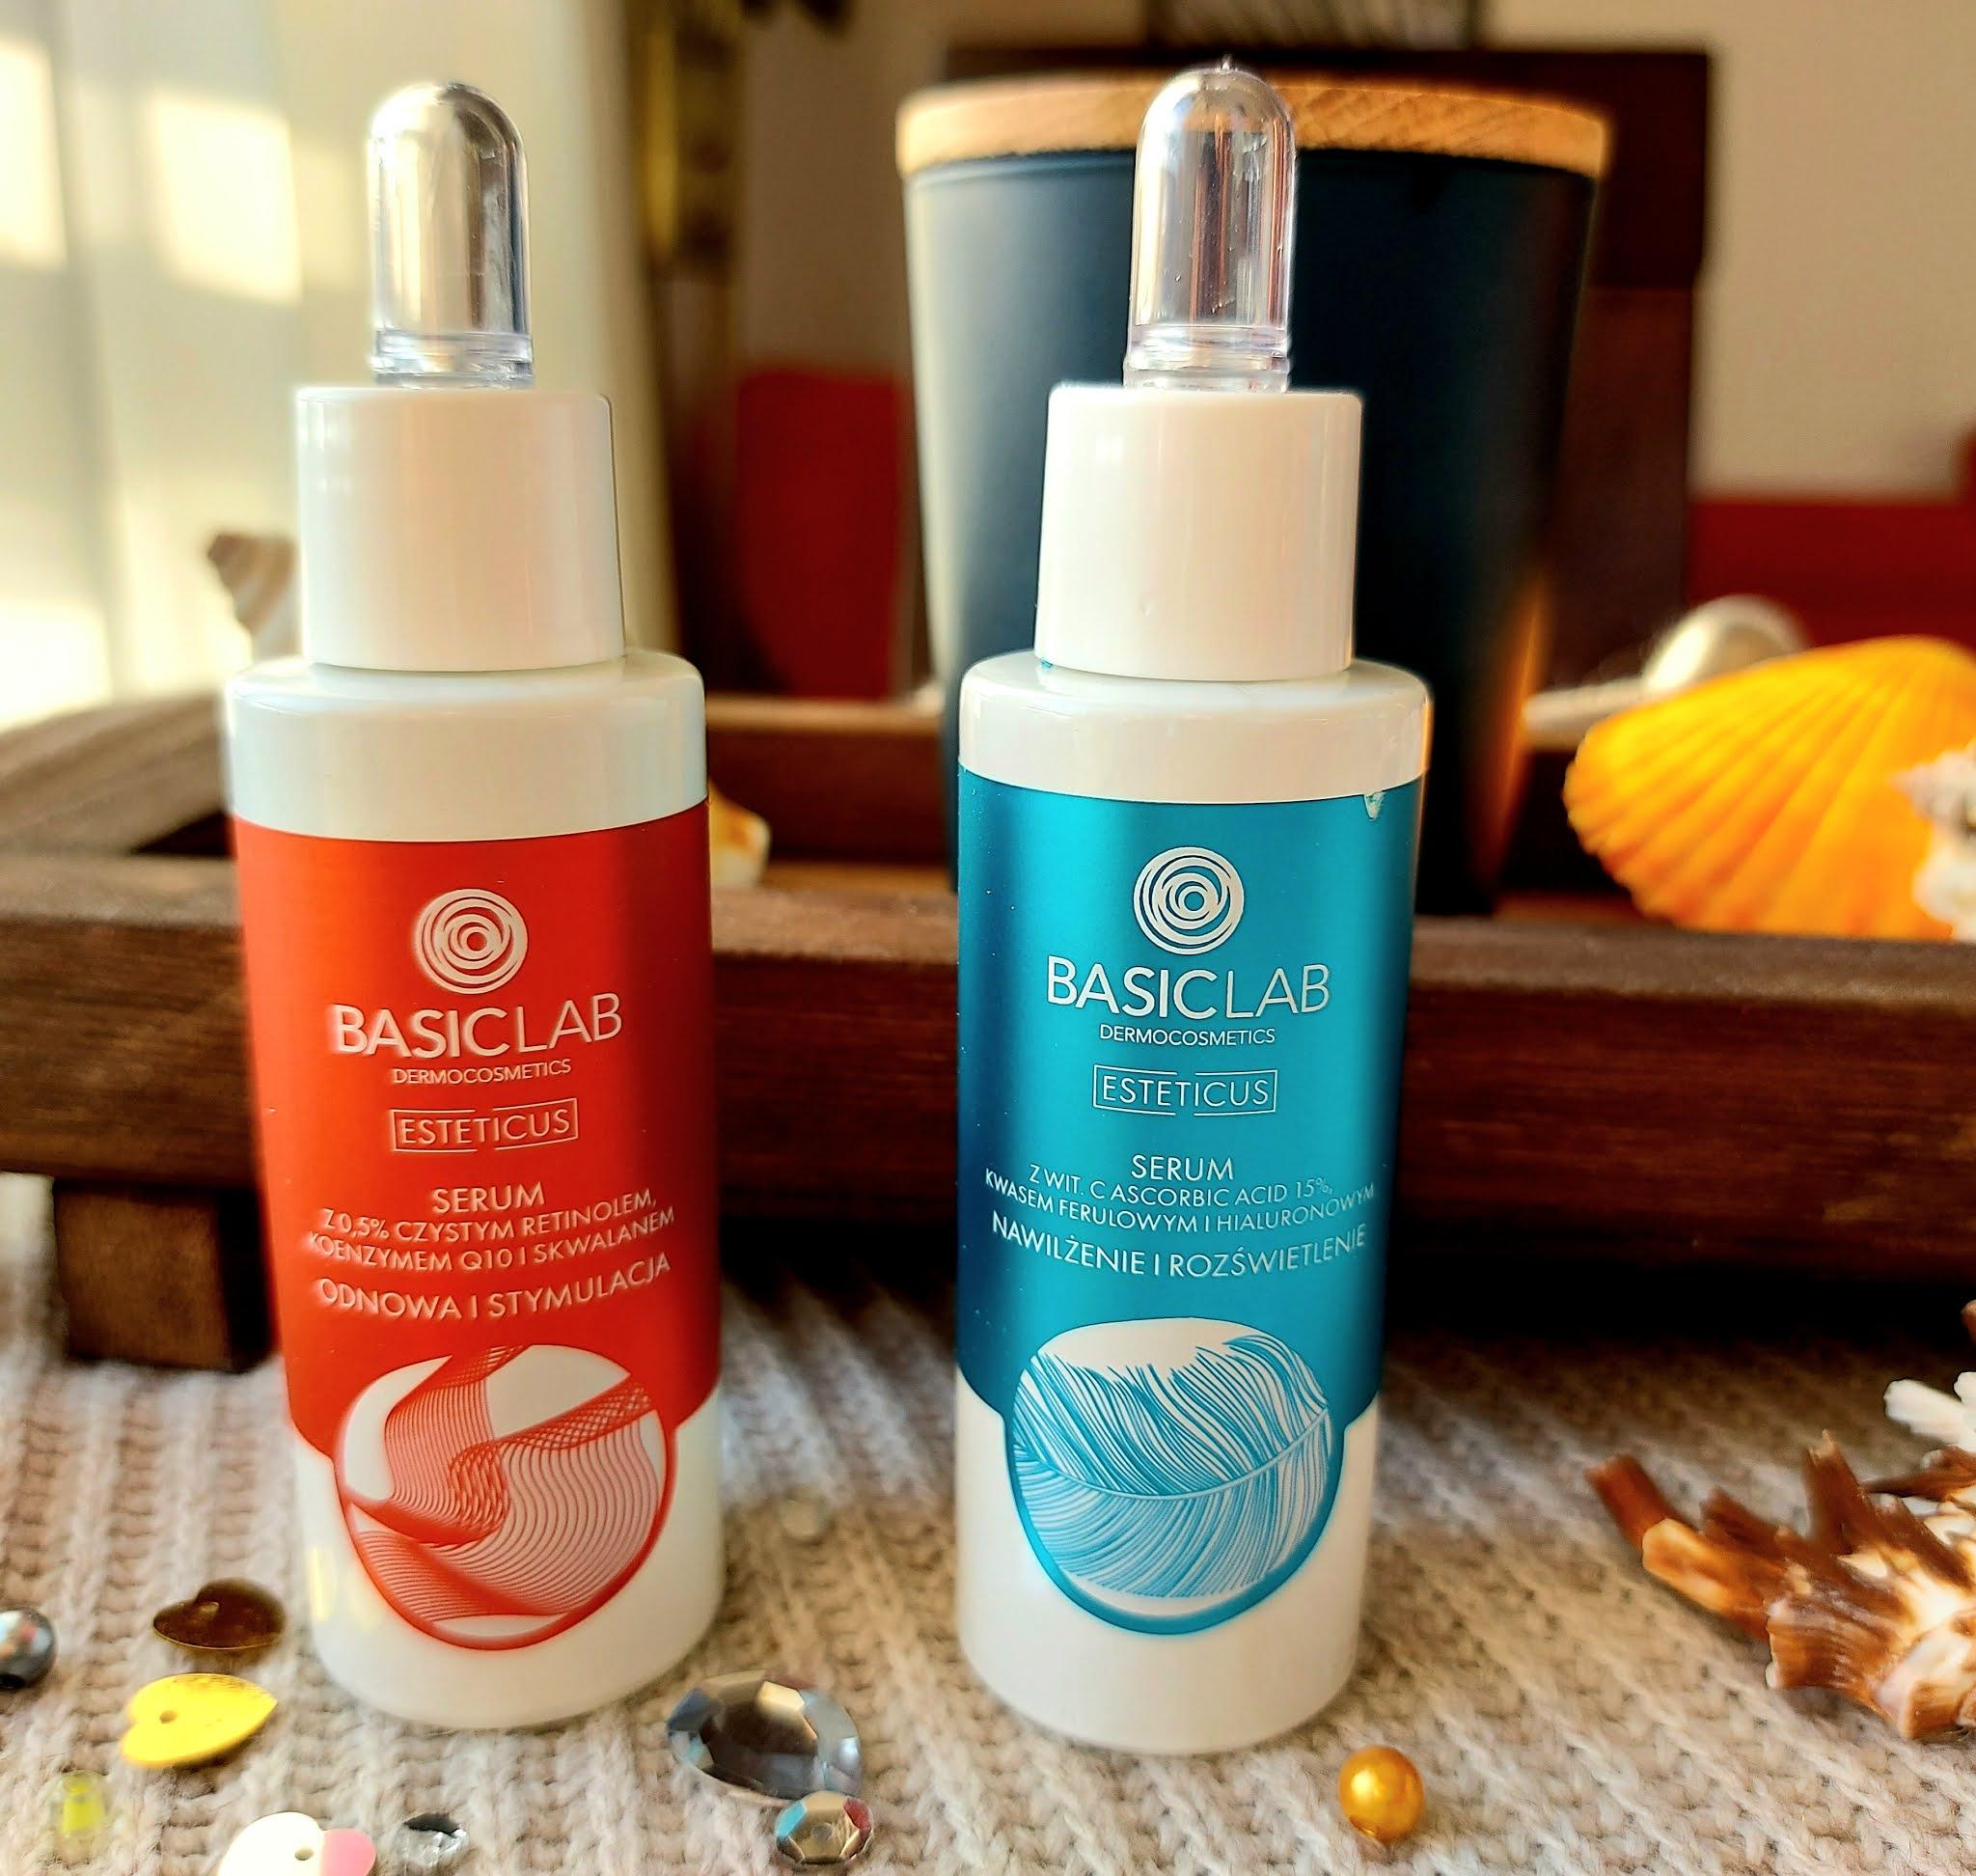 BasicLab - profesjonalne kosmetyki do pielęgnacji. Test serum z 15% witaminą C oraz 0,5% retinolem Aneta Lason Beauty Talks